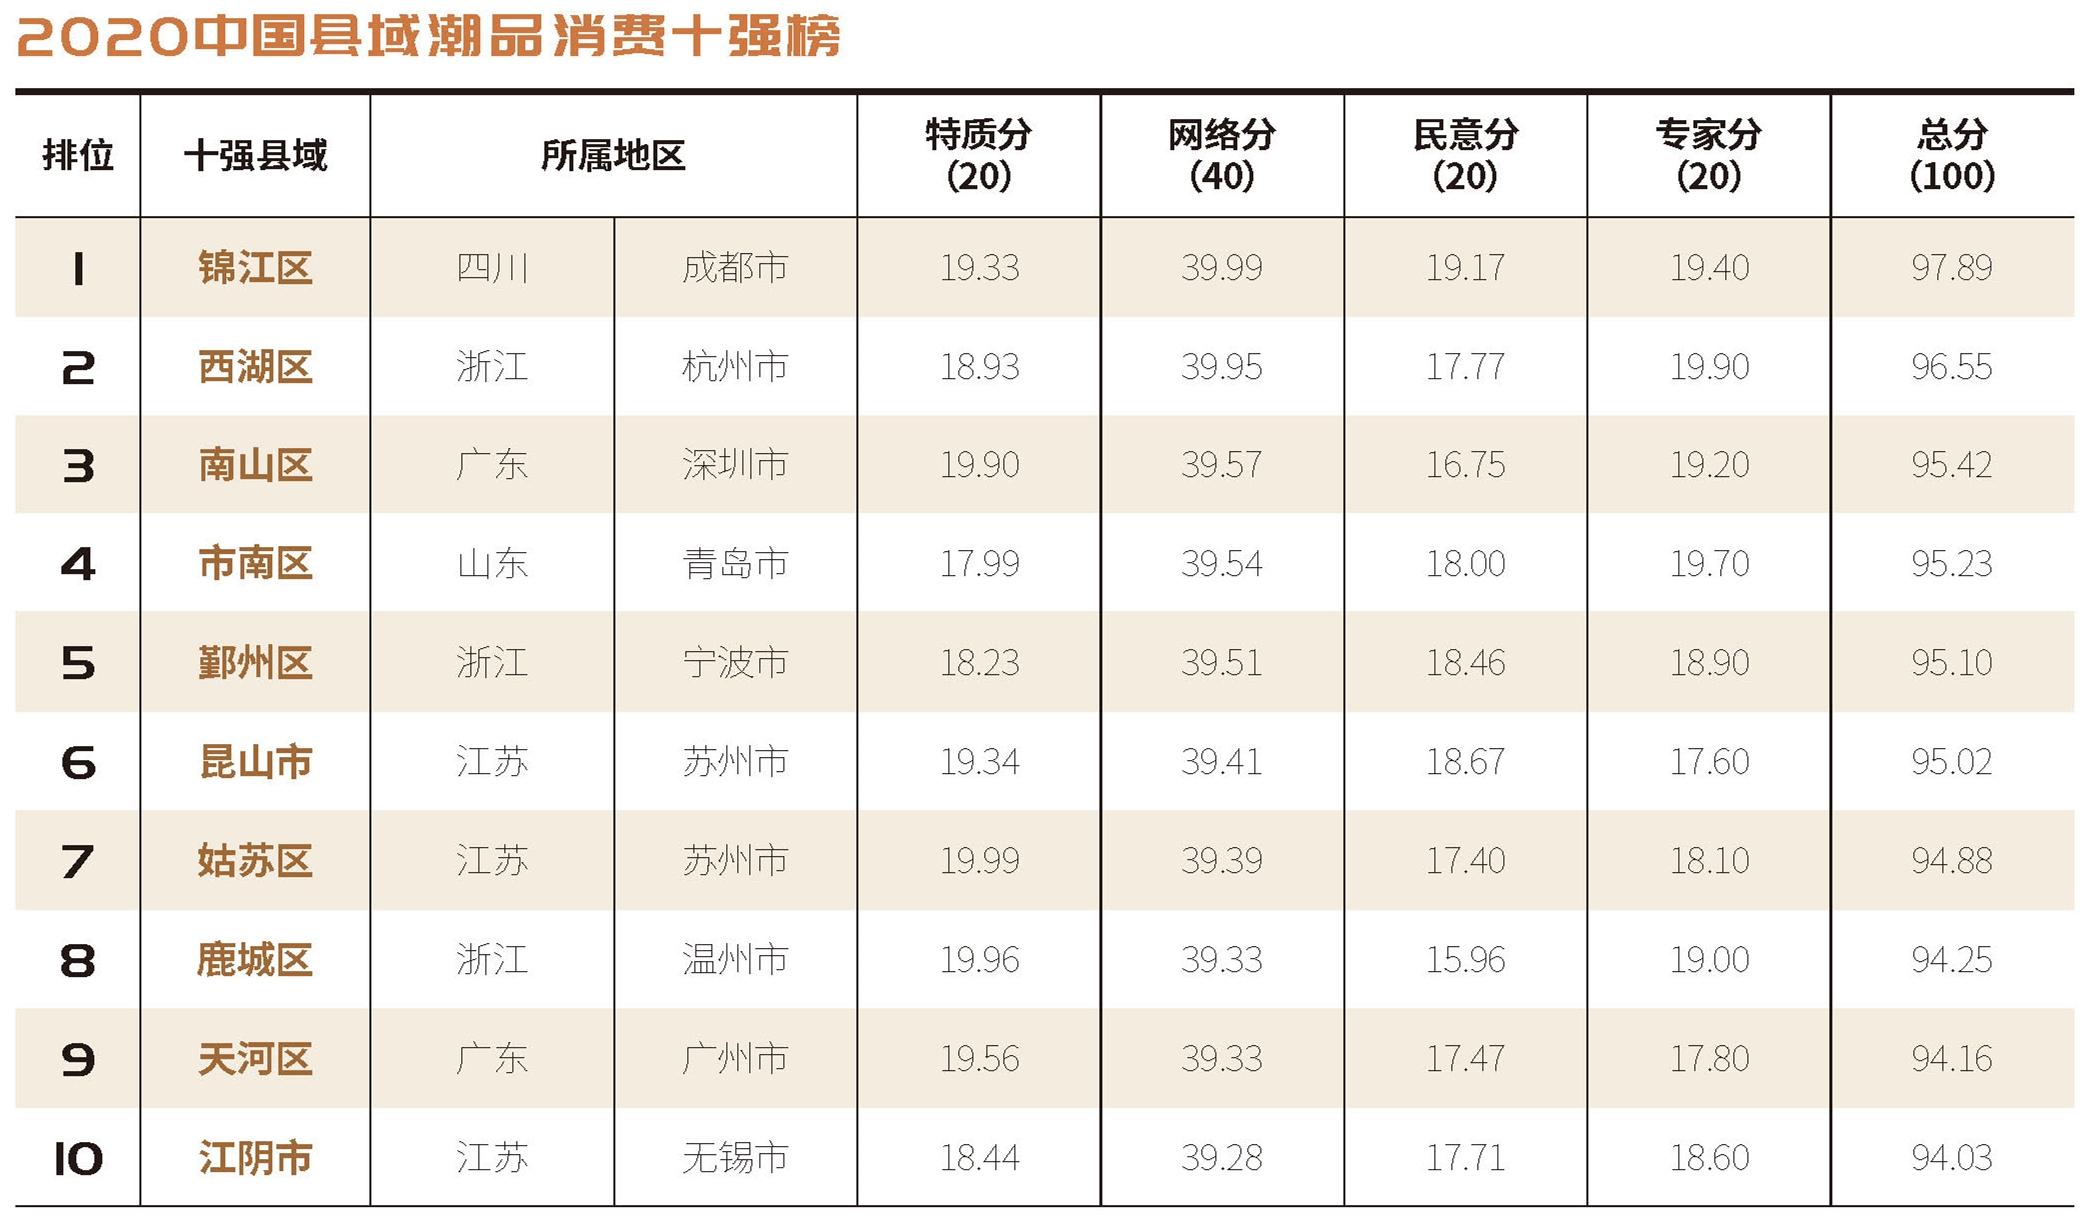 2020中国县域潮品消费十强榜